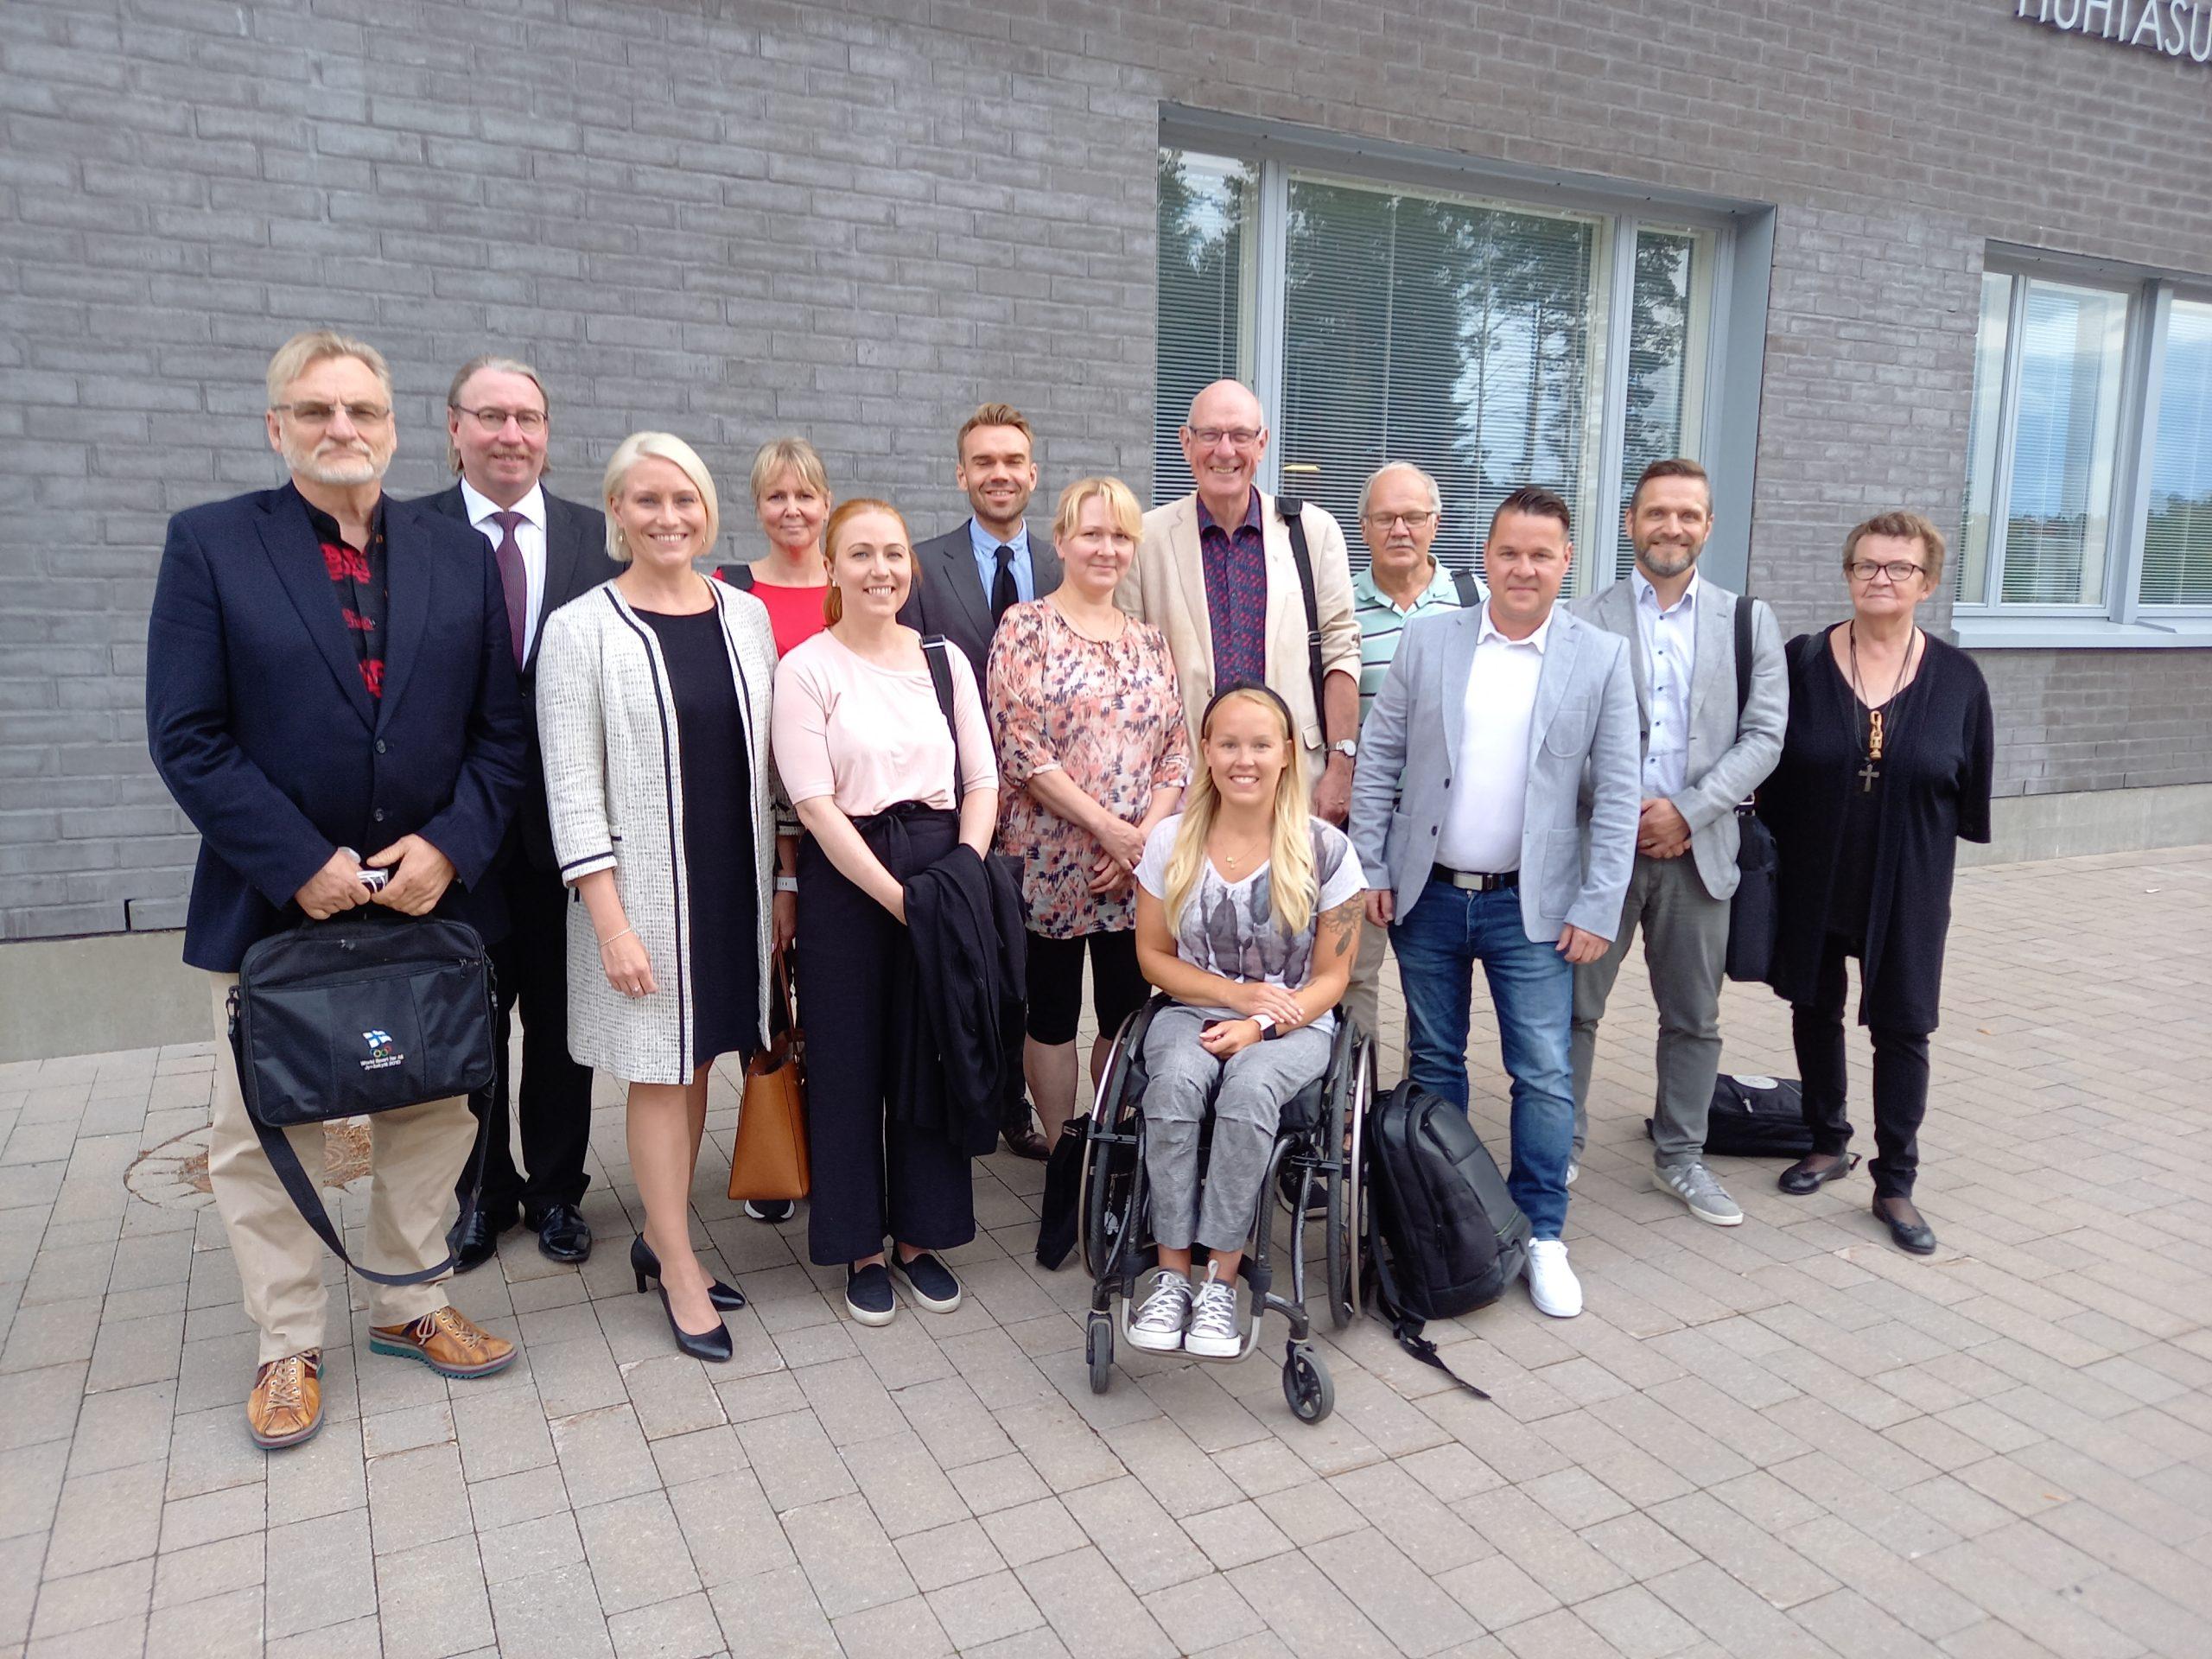 SDP:n valtuustoryhmä uuden valtuuston 1. kokouksen jälkeen 2.8.2021 Huhtasuon yhtenäiskoululla.